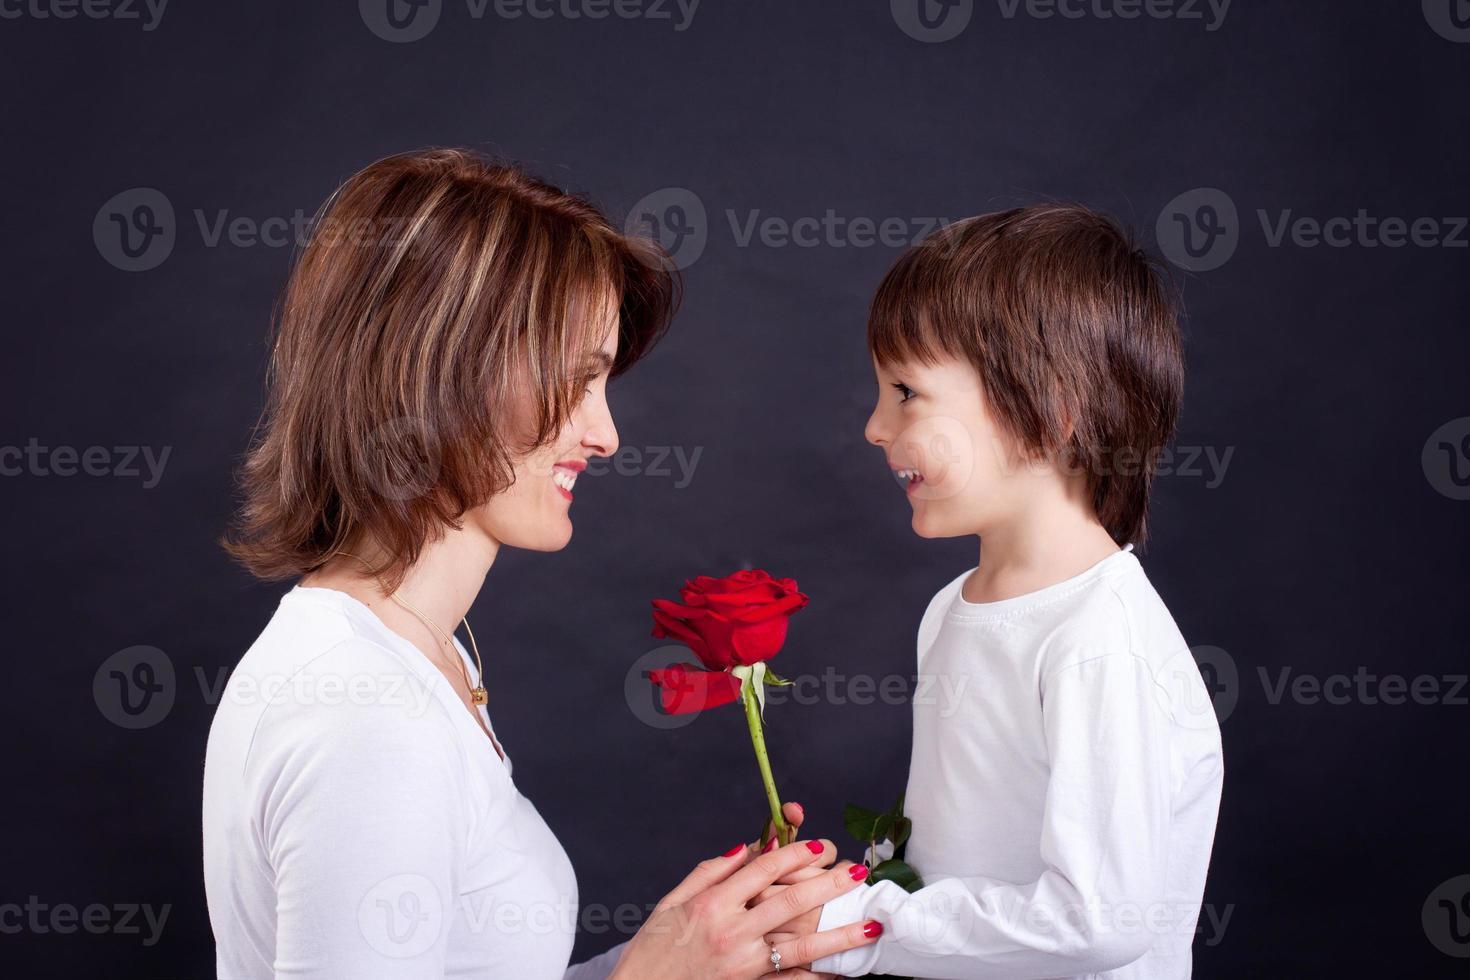 jeune enfant donnant une magnifique rose rouge à sa mère photo